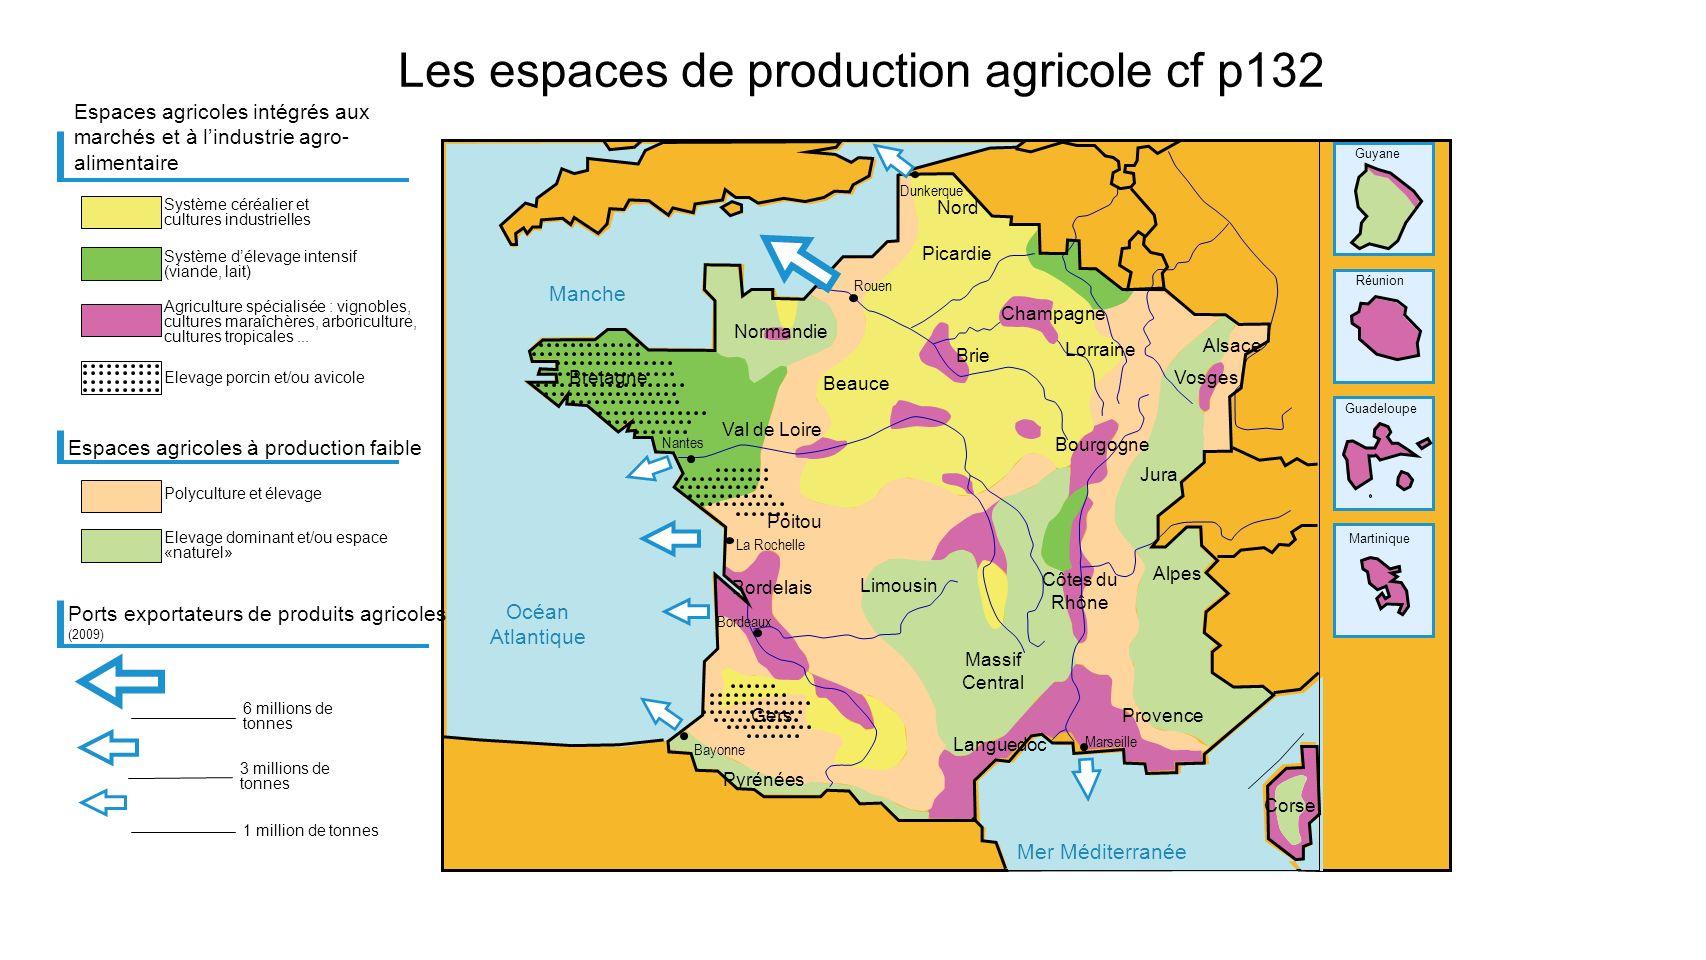 Bretagne Val de Loire Normandie Les espaces de production agricole cf p132 Guadeloupe Martinique Réunion Guyane Alsace Vosges Lorraine Champagne Bourg